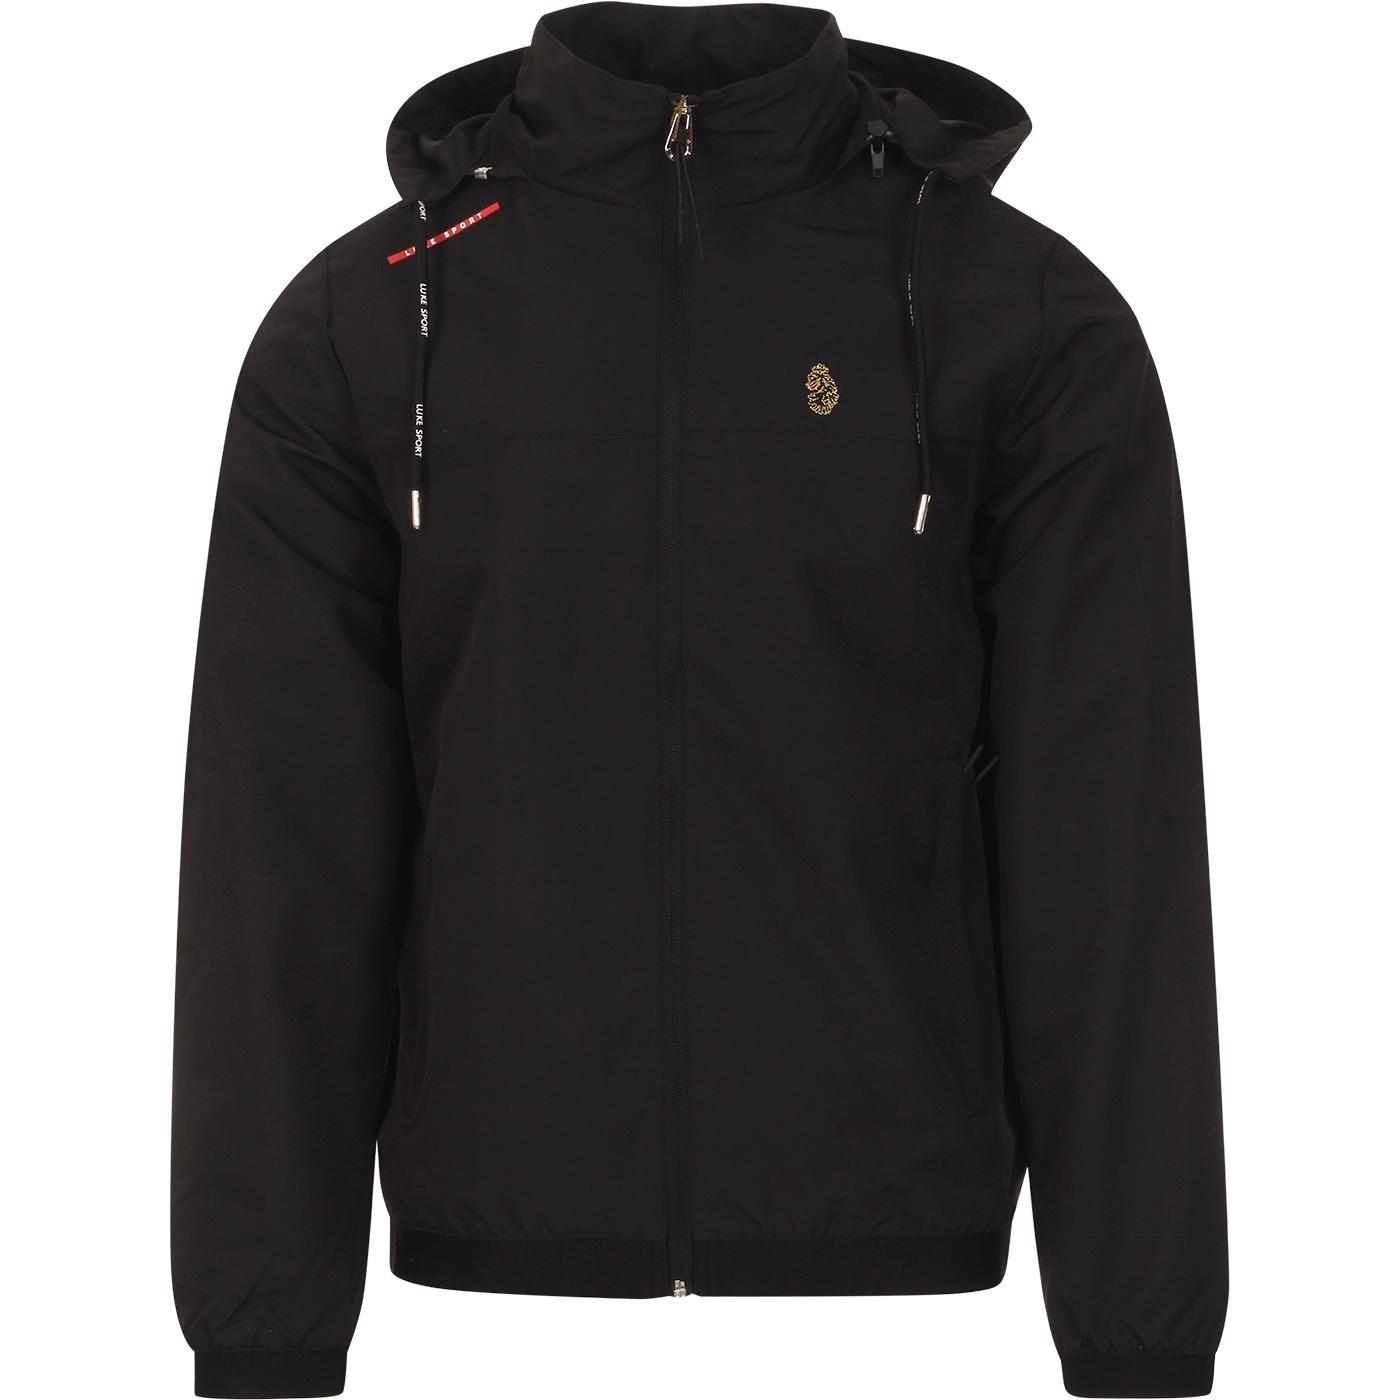 Brownhills Benyon LUKE Sport Hooded Jacket (JB)